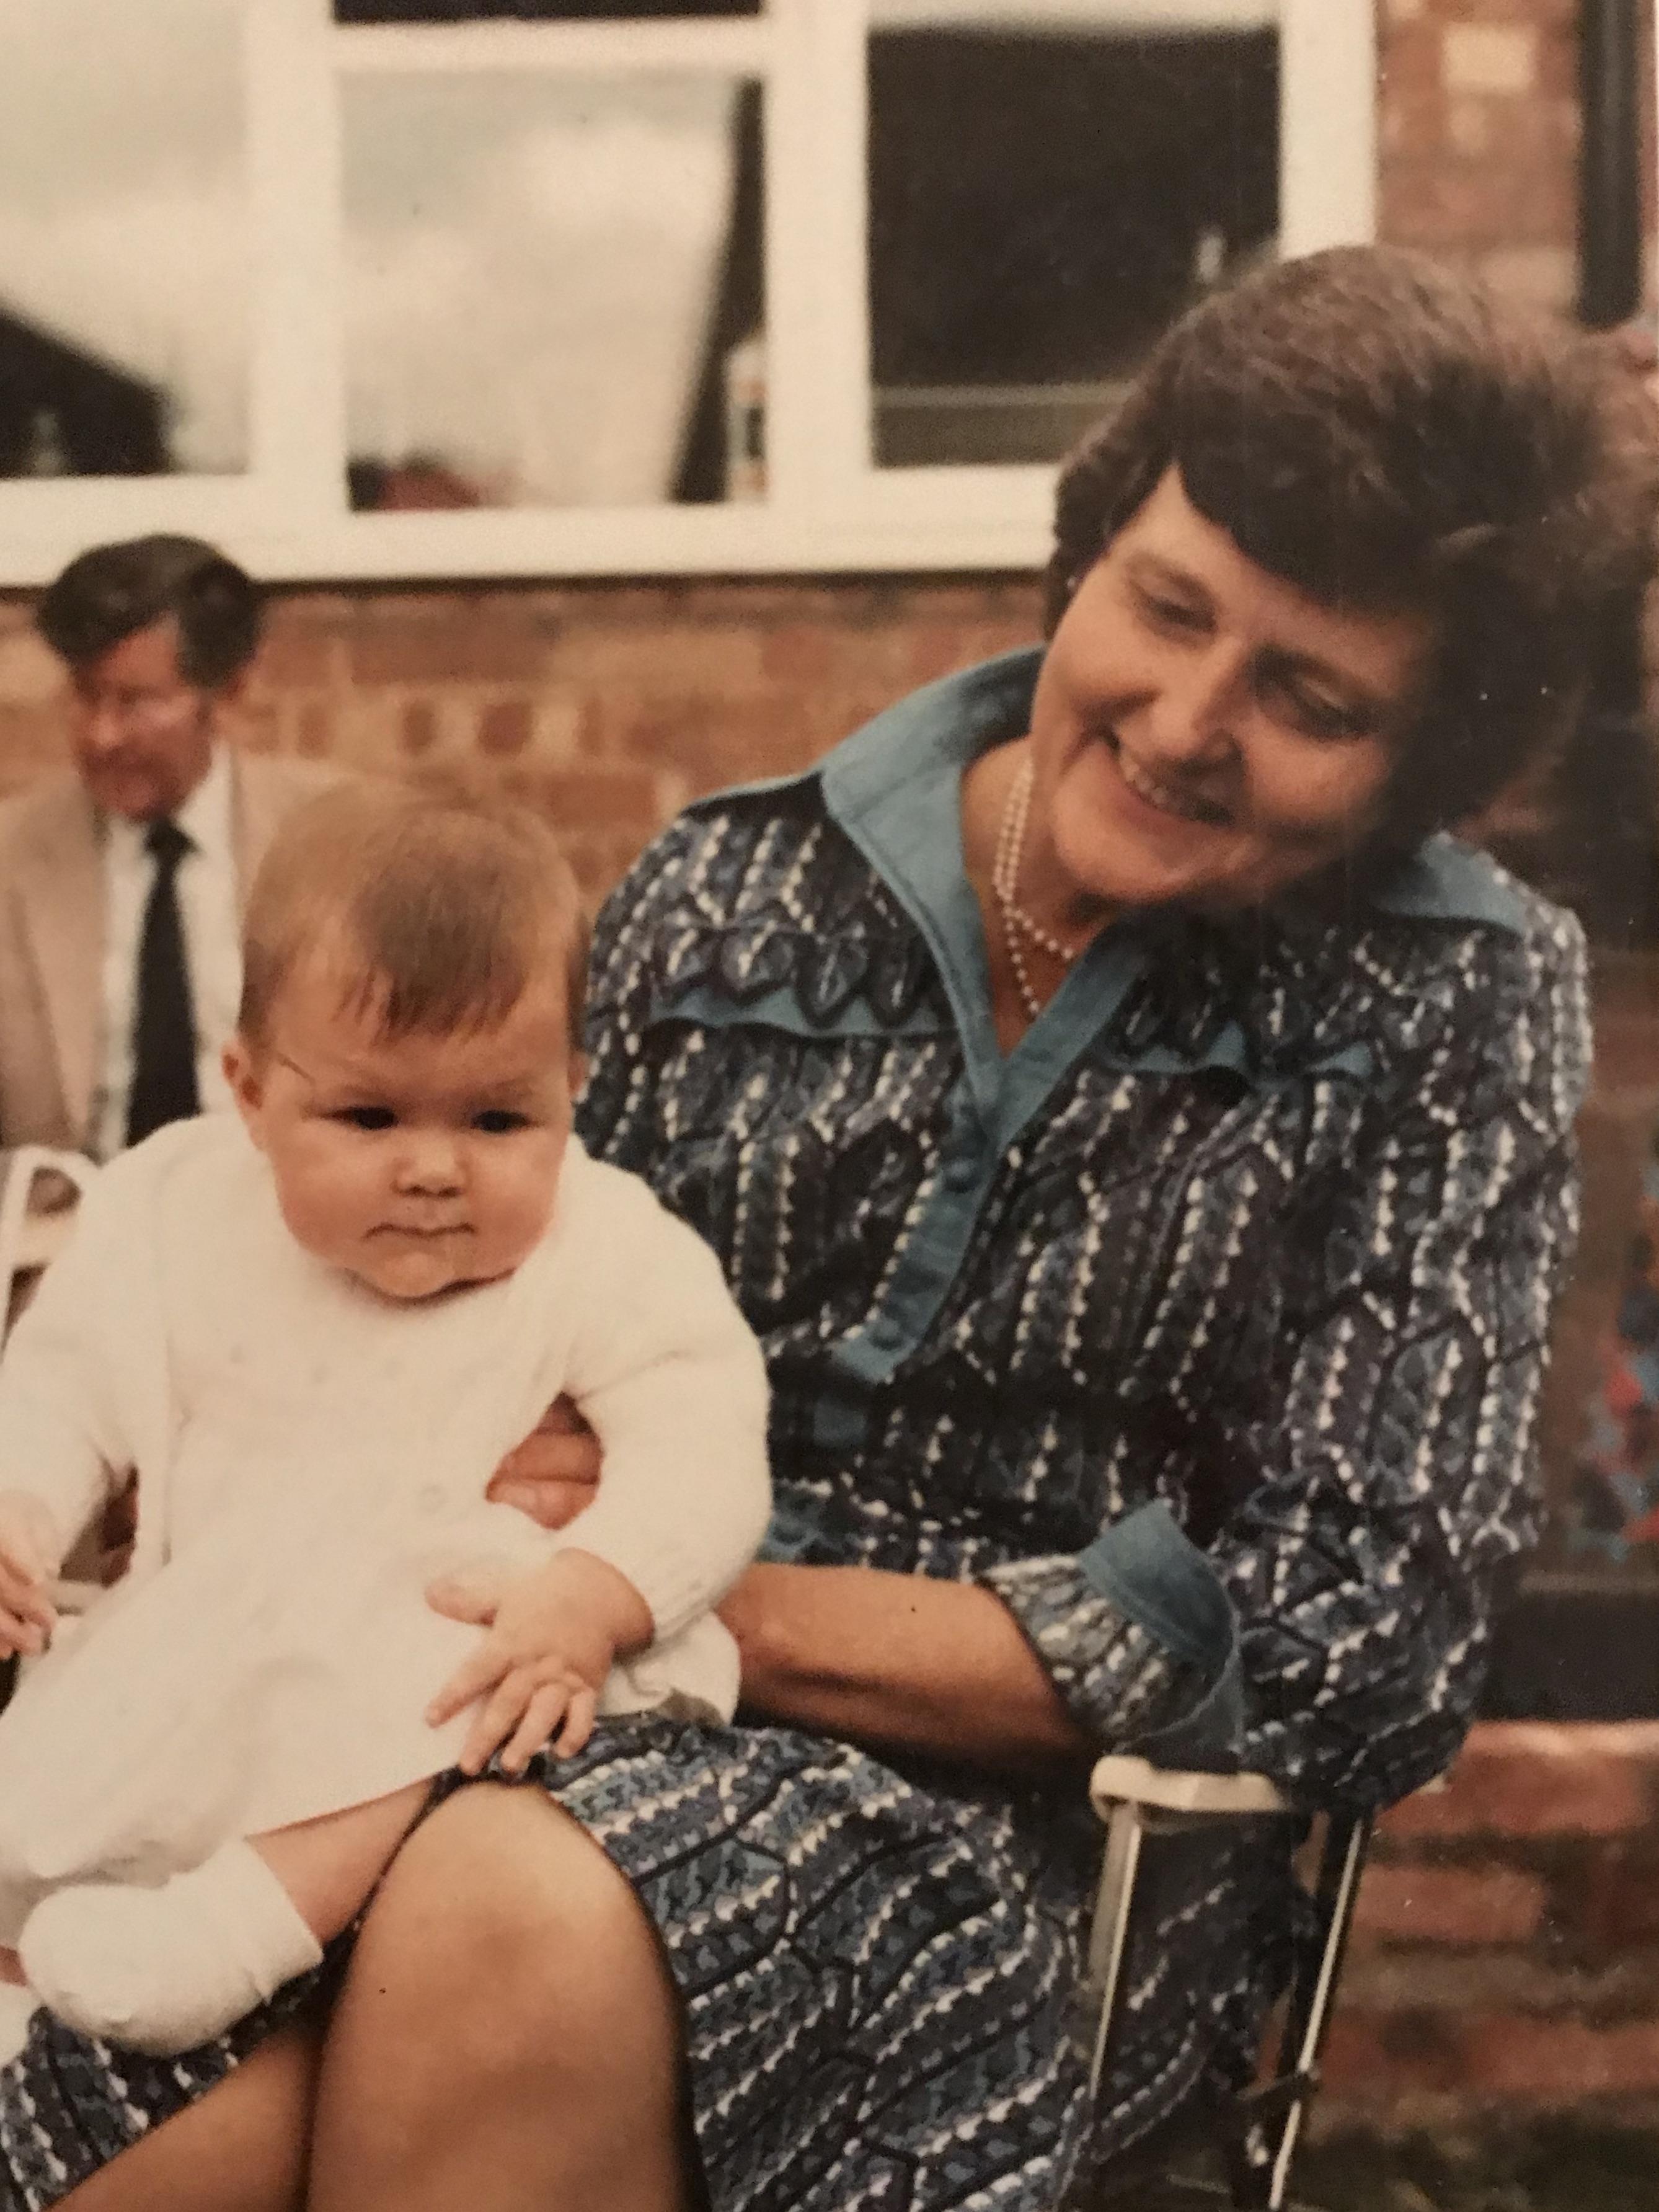 15 July 1984